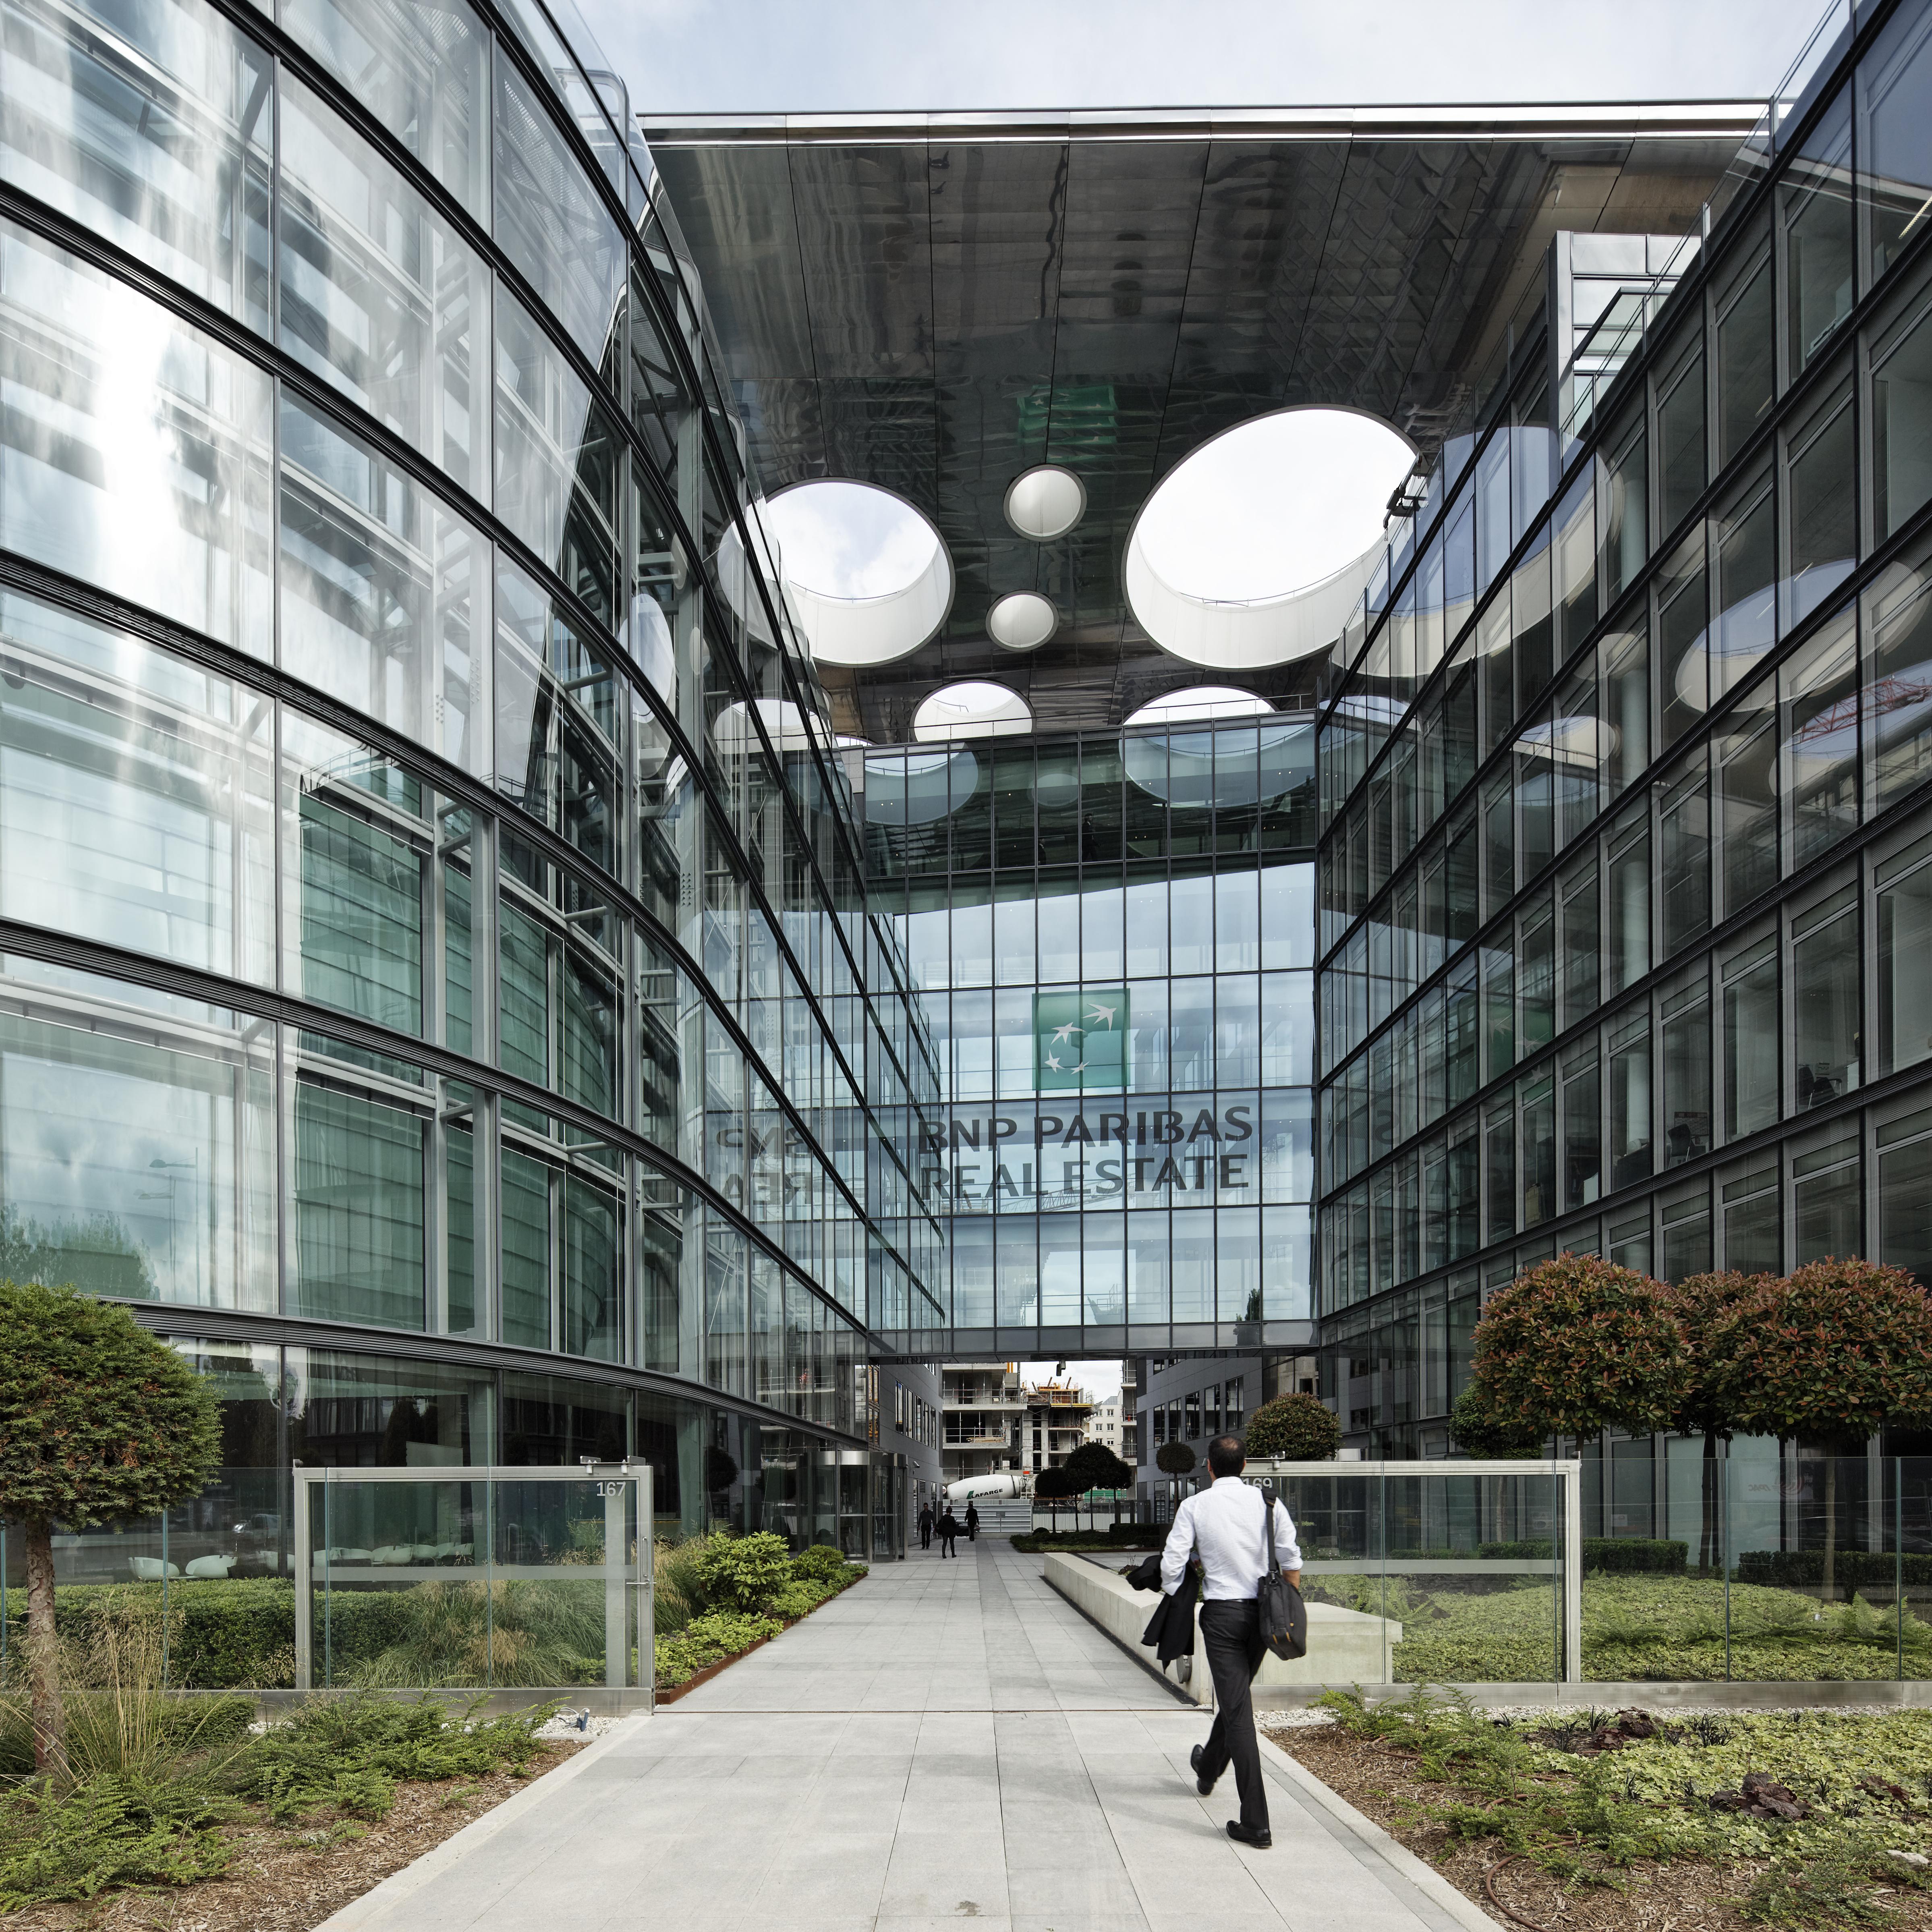 BNP Paribas Real Estate MARSEILLE Bureaux-Activité - Image